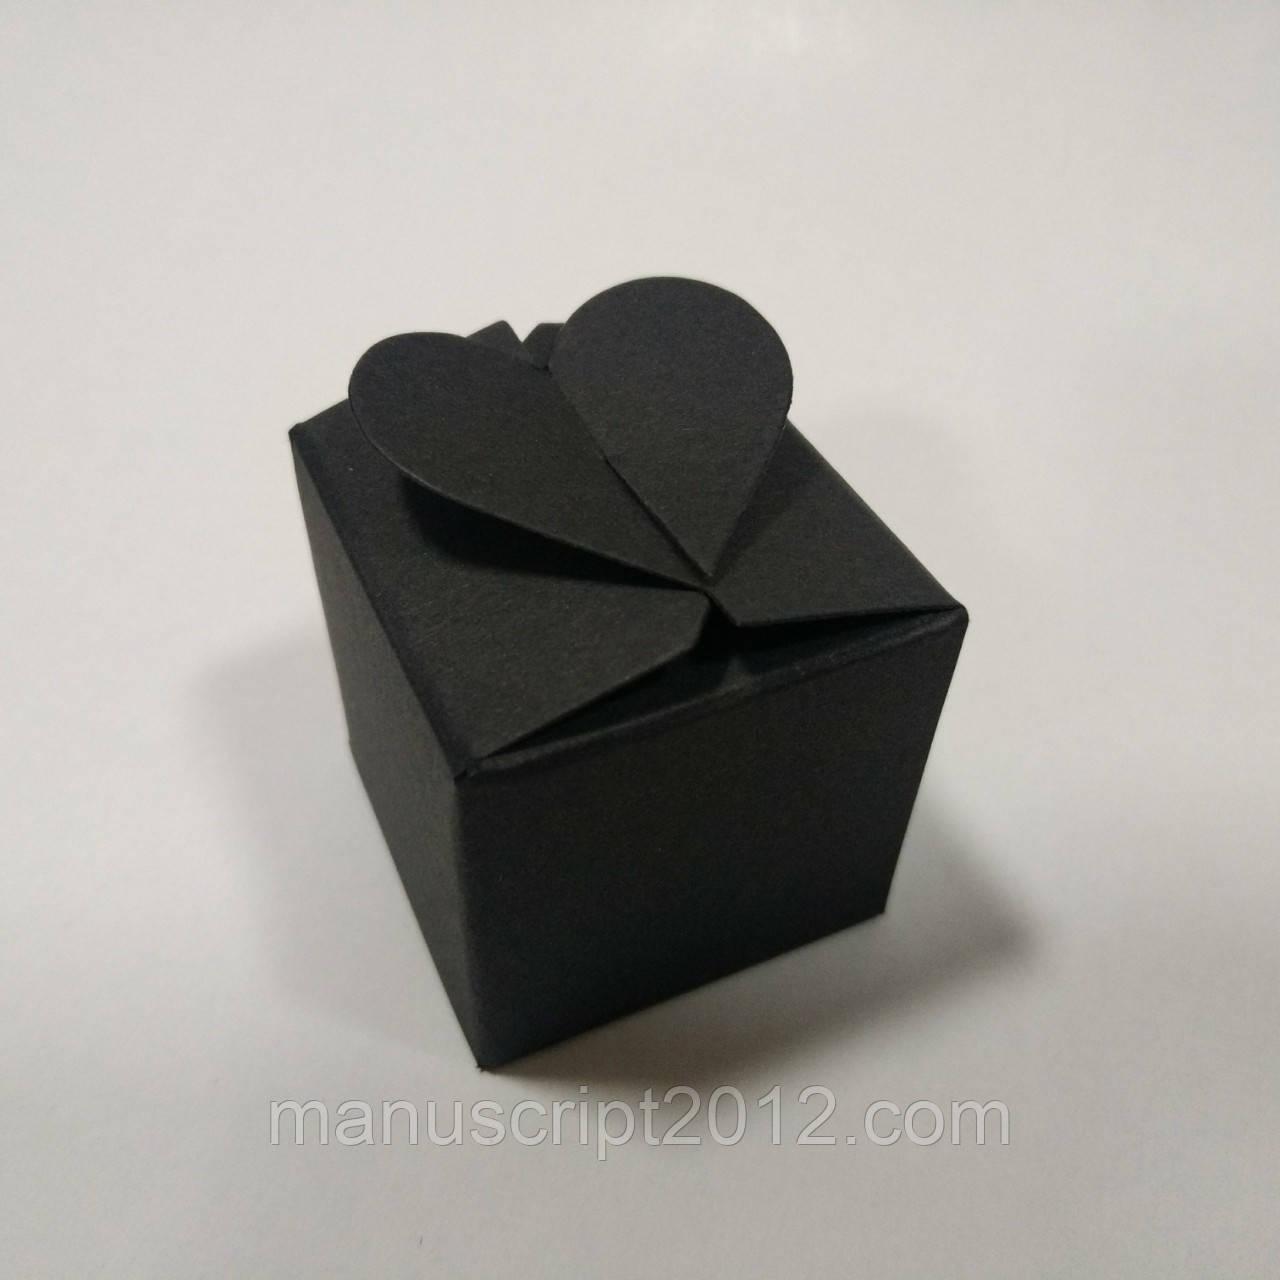 Коробка с замком «Сердечко» (черная) 40х40х40 мм.